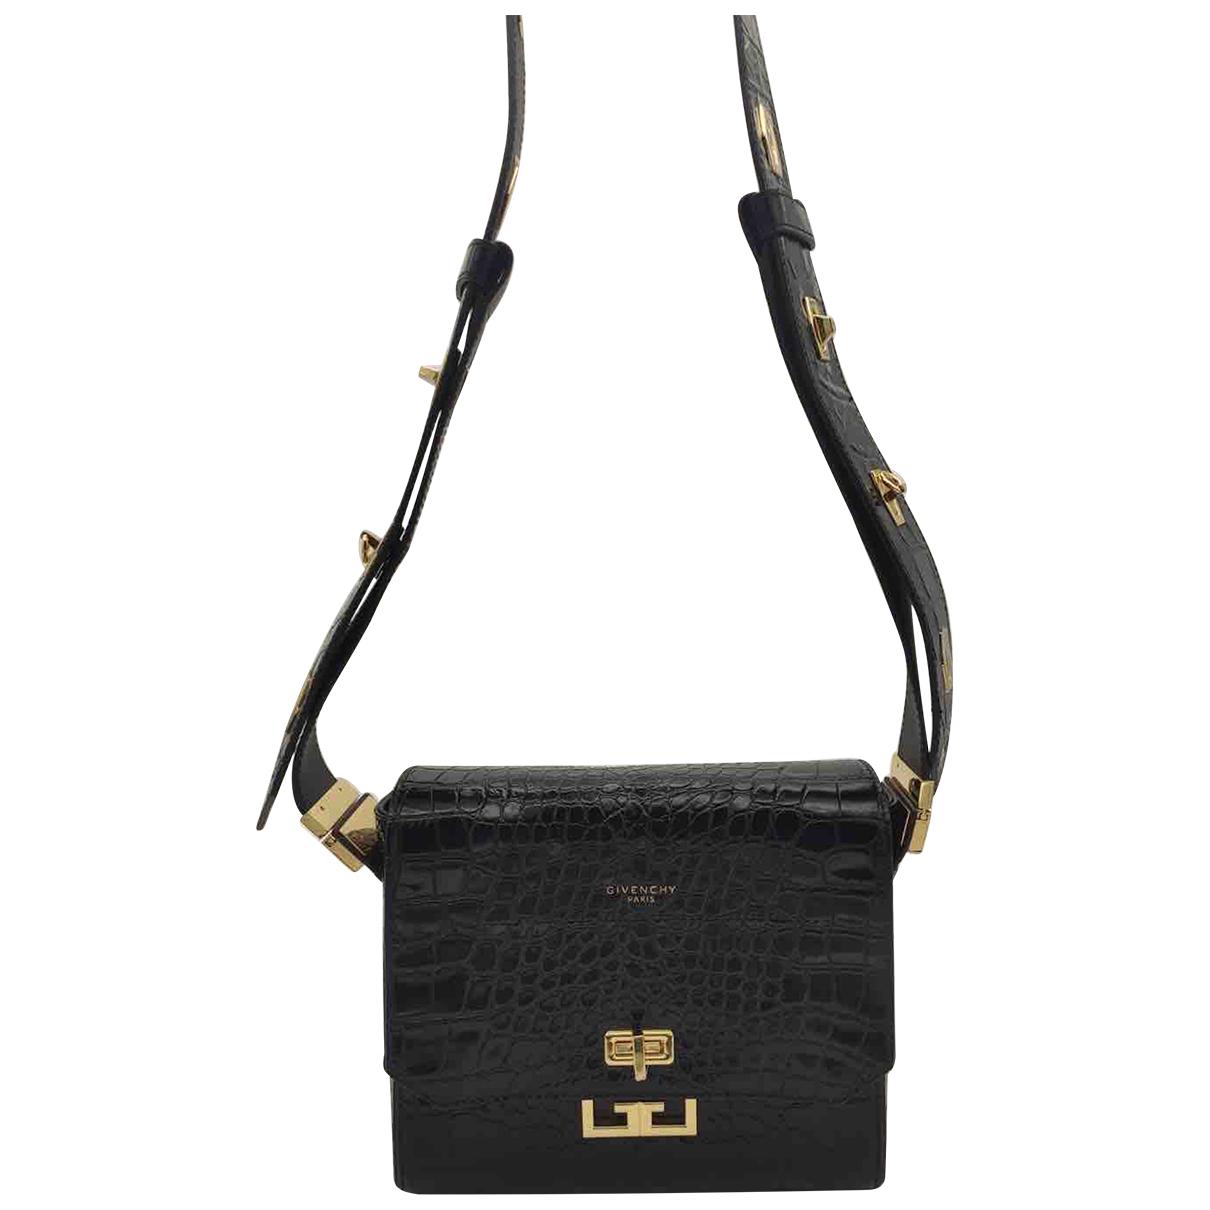 Givenchy - Sac a main Eden pour femme en cuir - noir